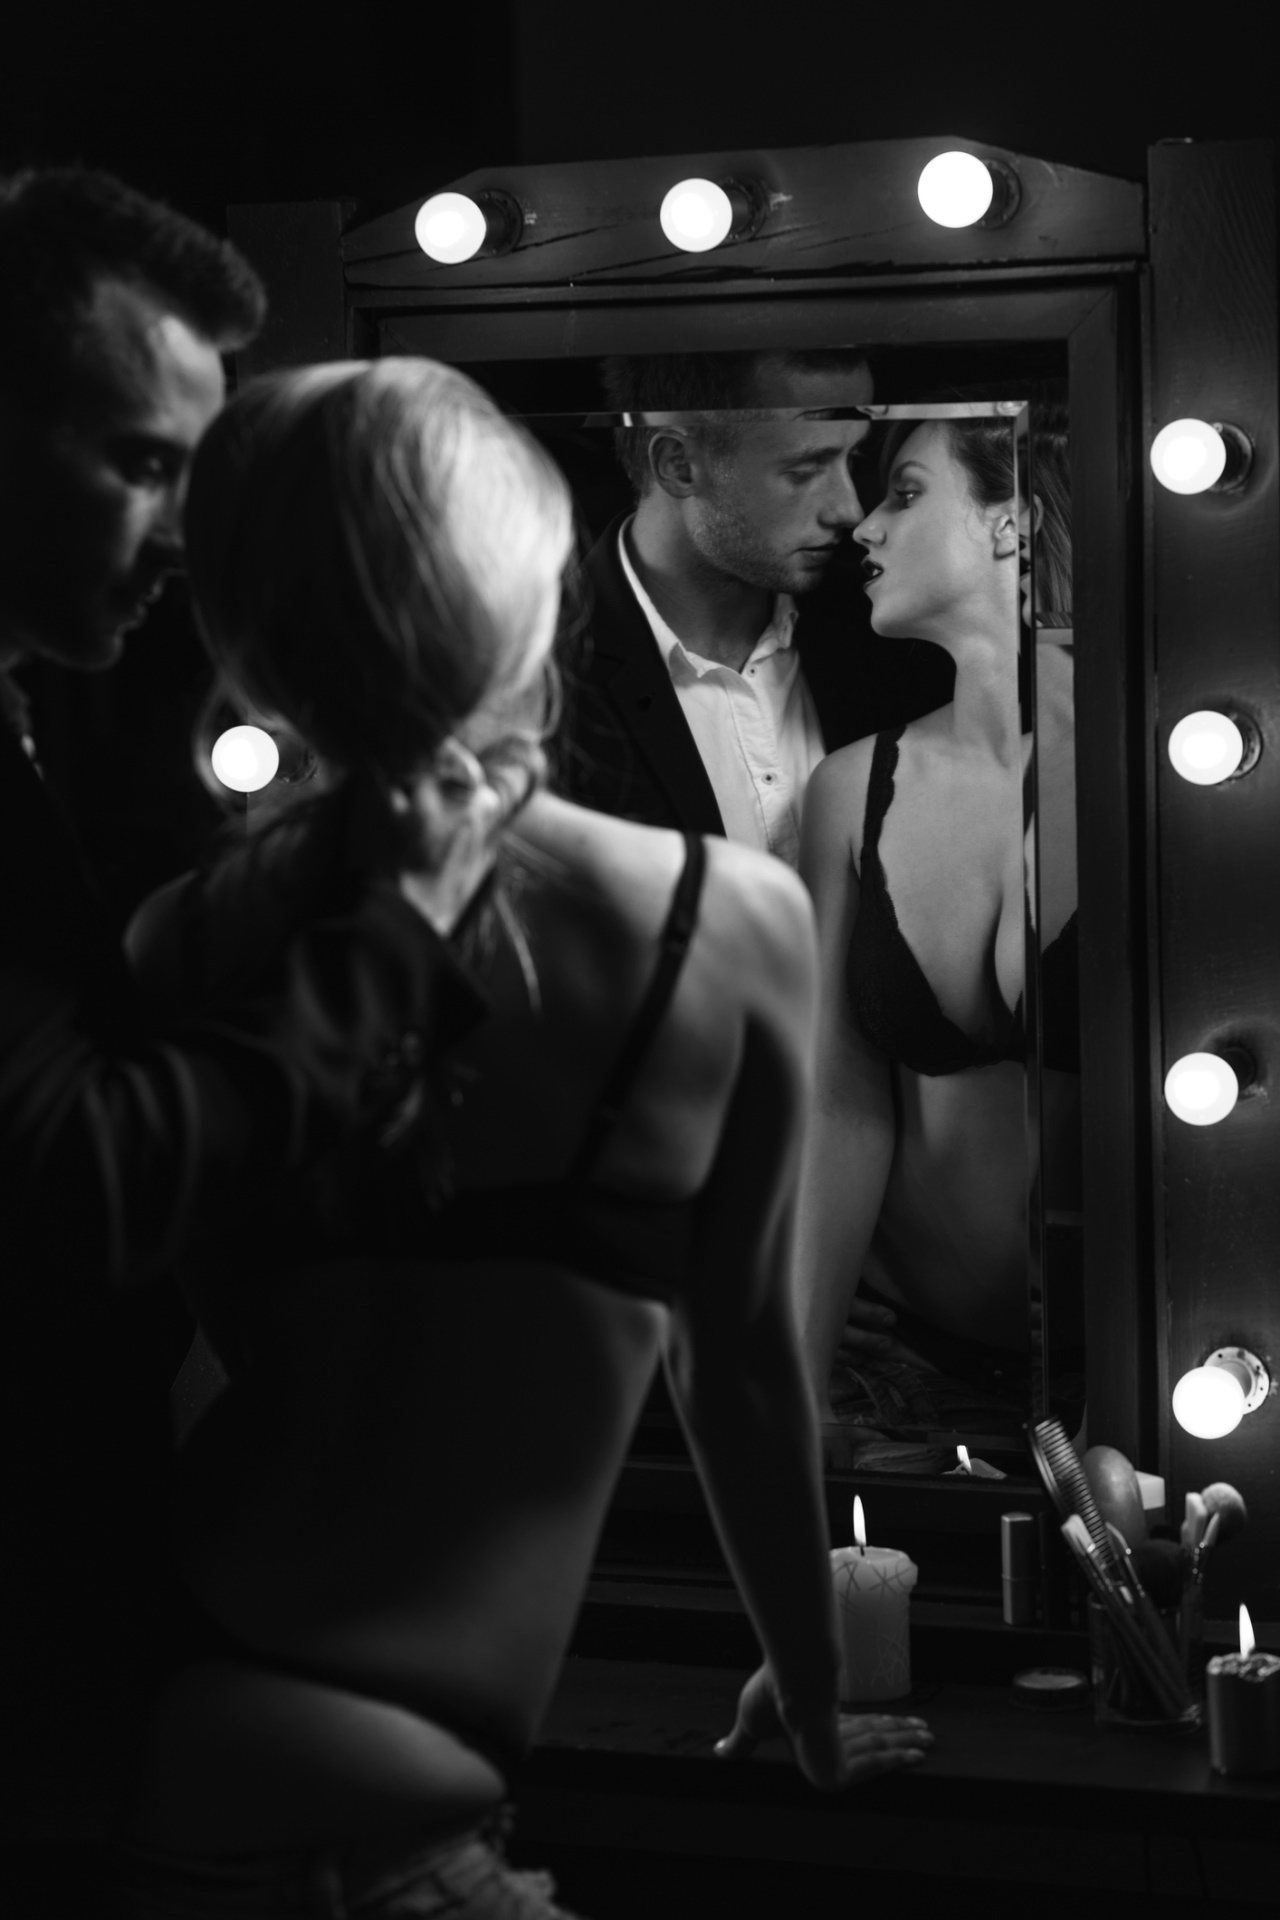 <p><strong>Близнаци</strong></p>  <p>Те са много самоуверени и обичат да се гледат в огледало, докато раздават и получават интимни ласки. Какво ще е най-хубаво за тях? Секс под огледален таван.</p>